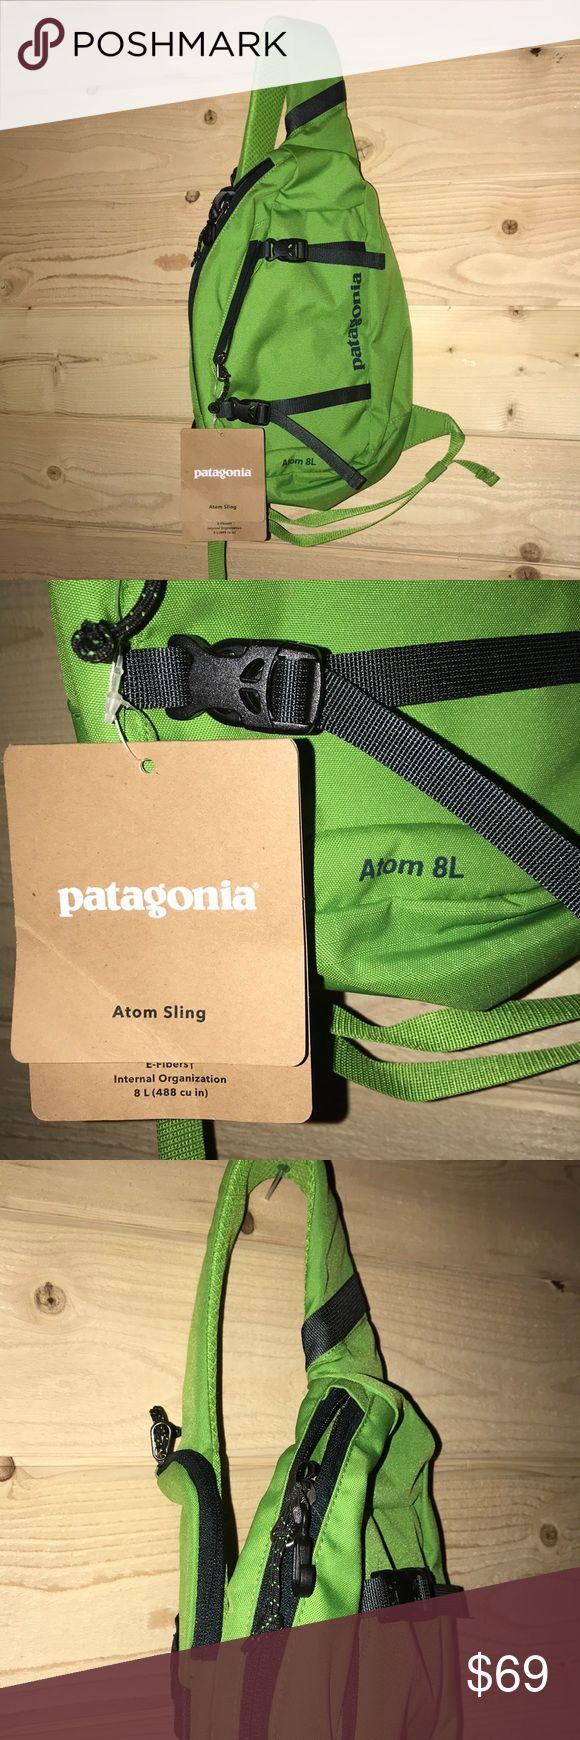 NWT Patagonia Atom 8L Sling Bag Hydro Green NWT Patagonia Bags